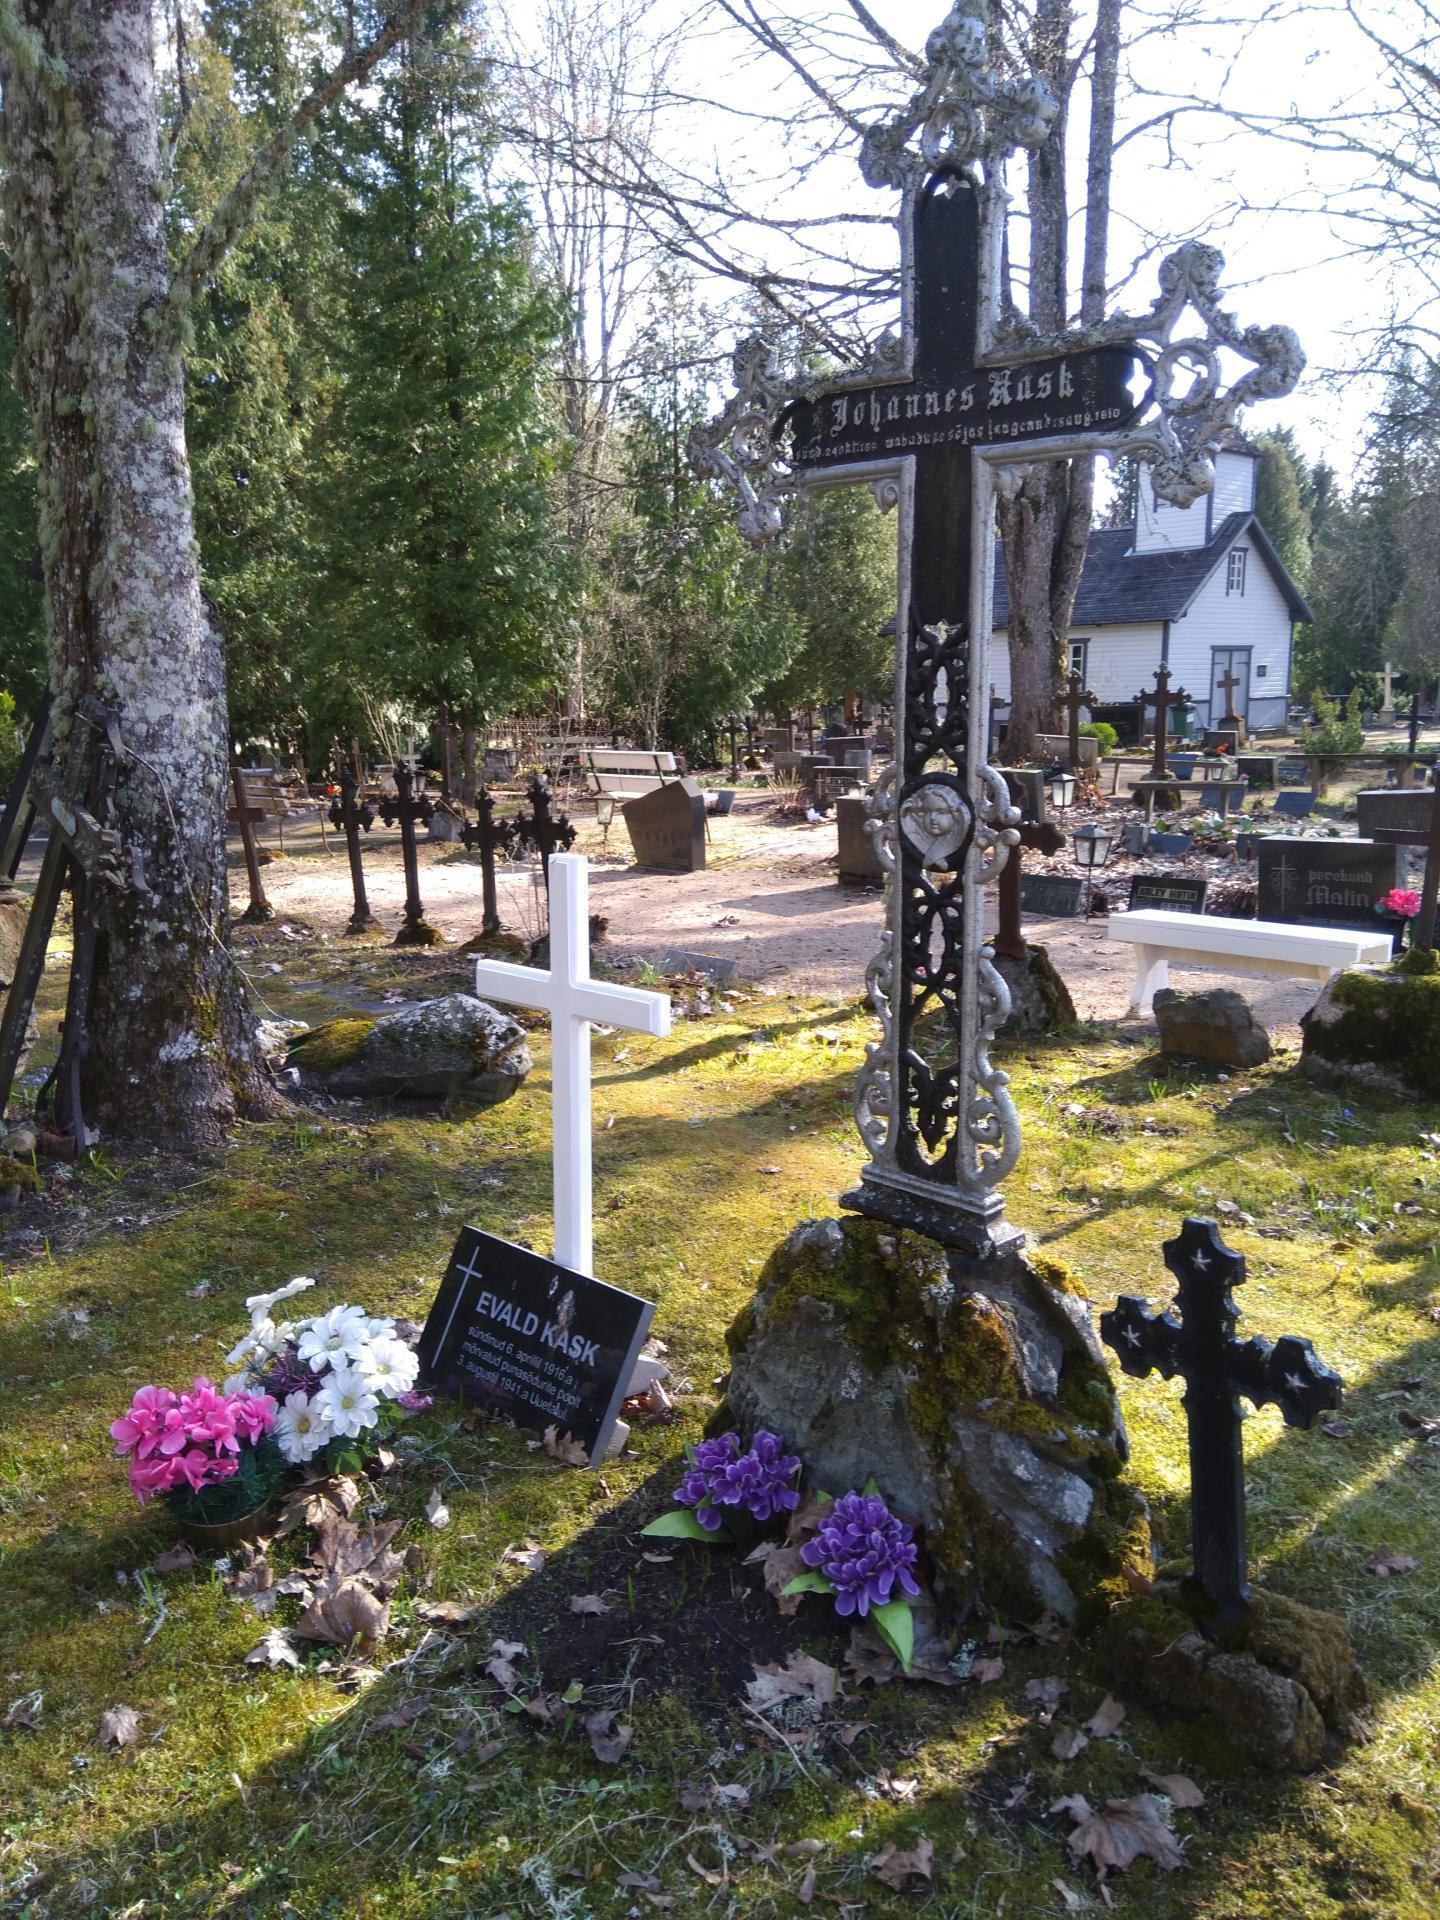 https://www.haudi.ee/uploads/burialplace_5bd20f04b187d.jpg